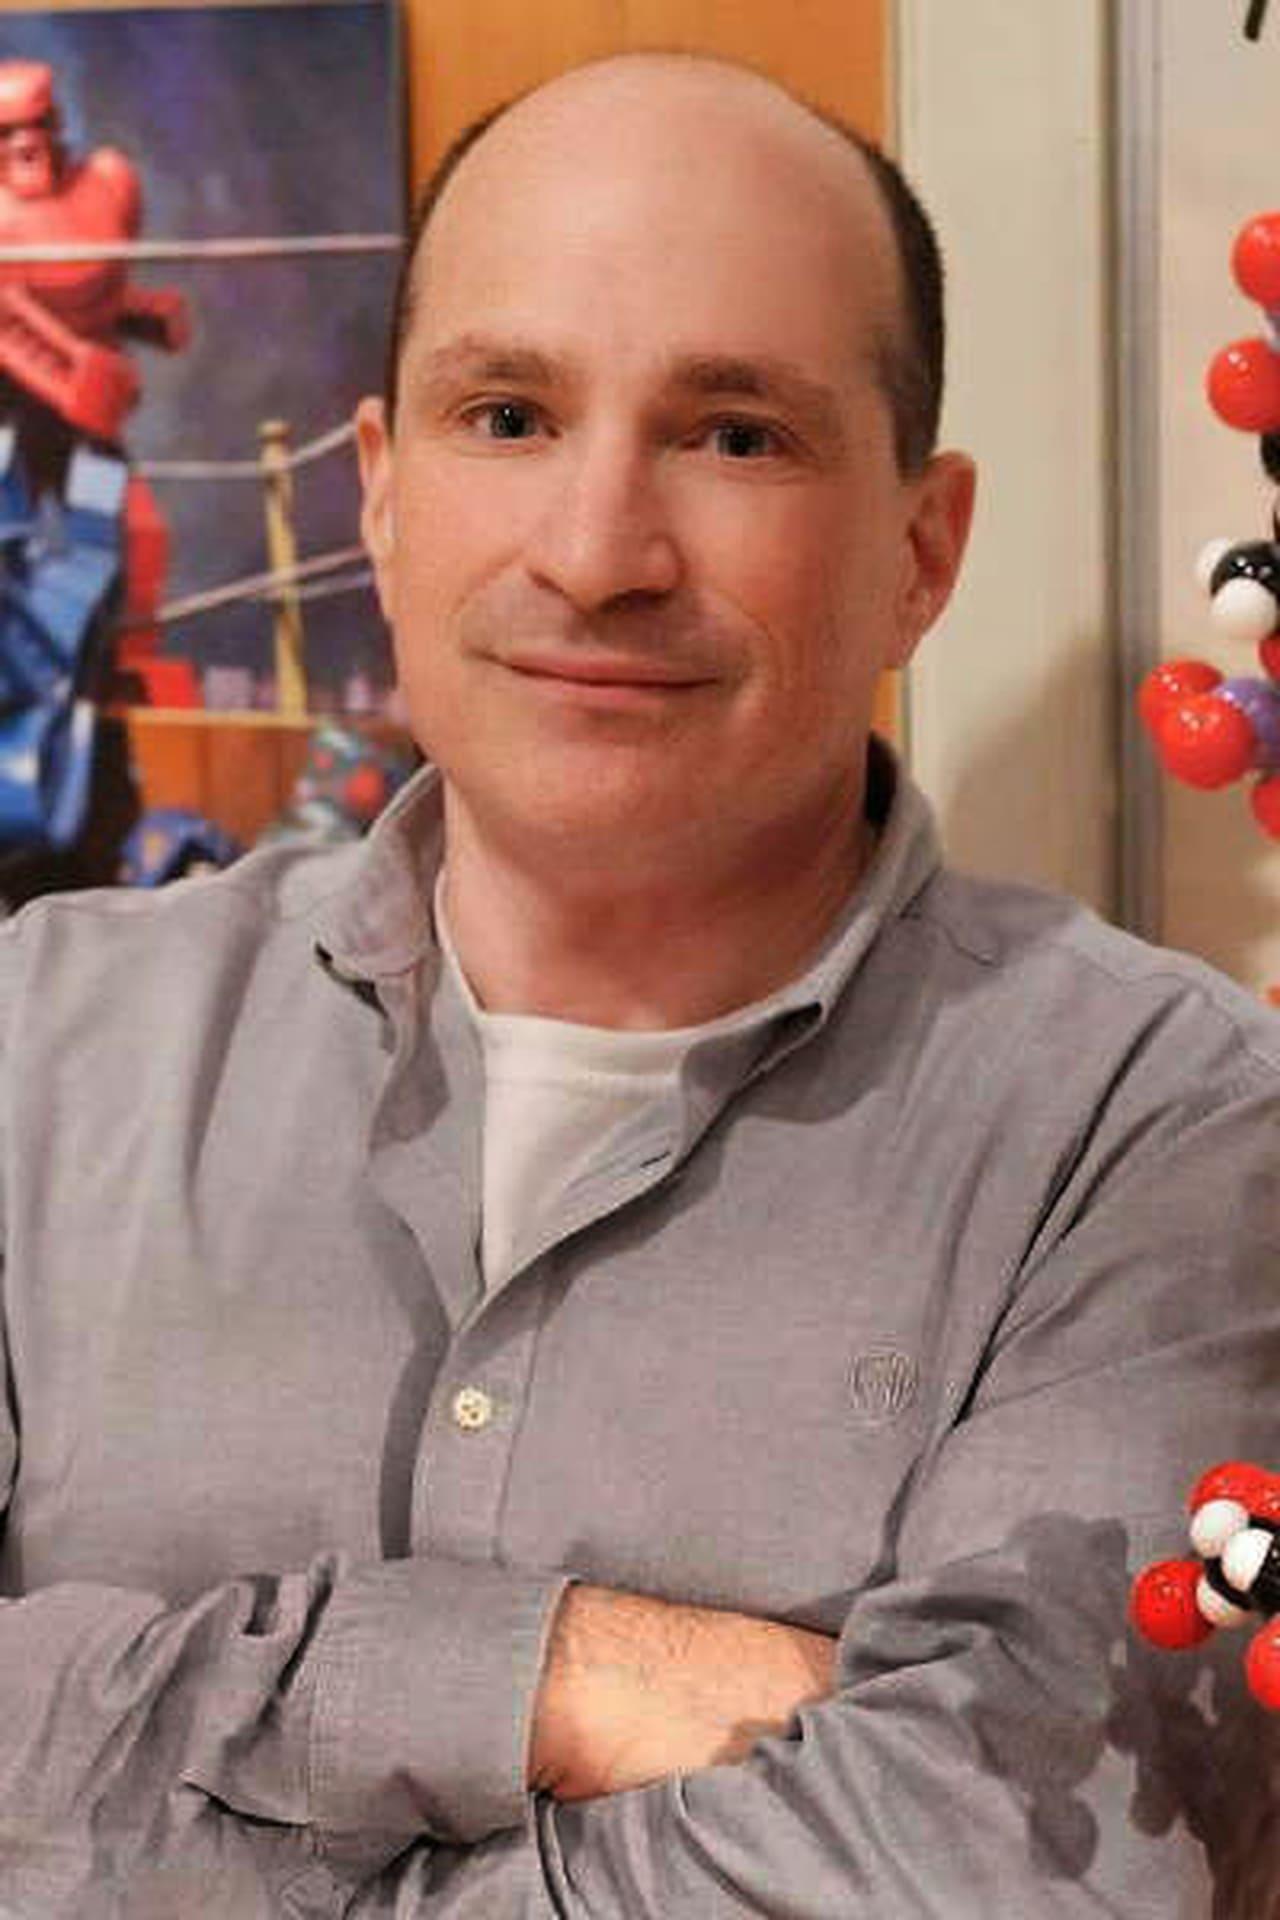 David Saltzberg